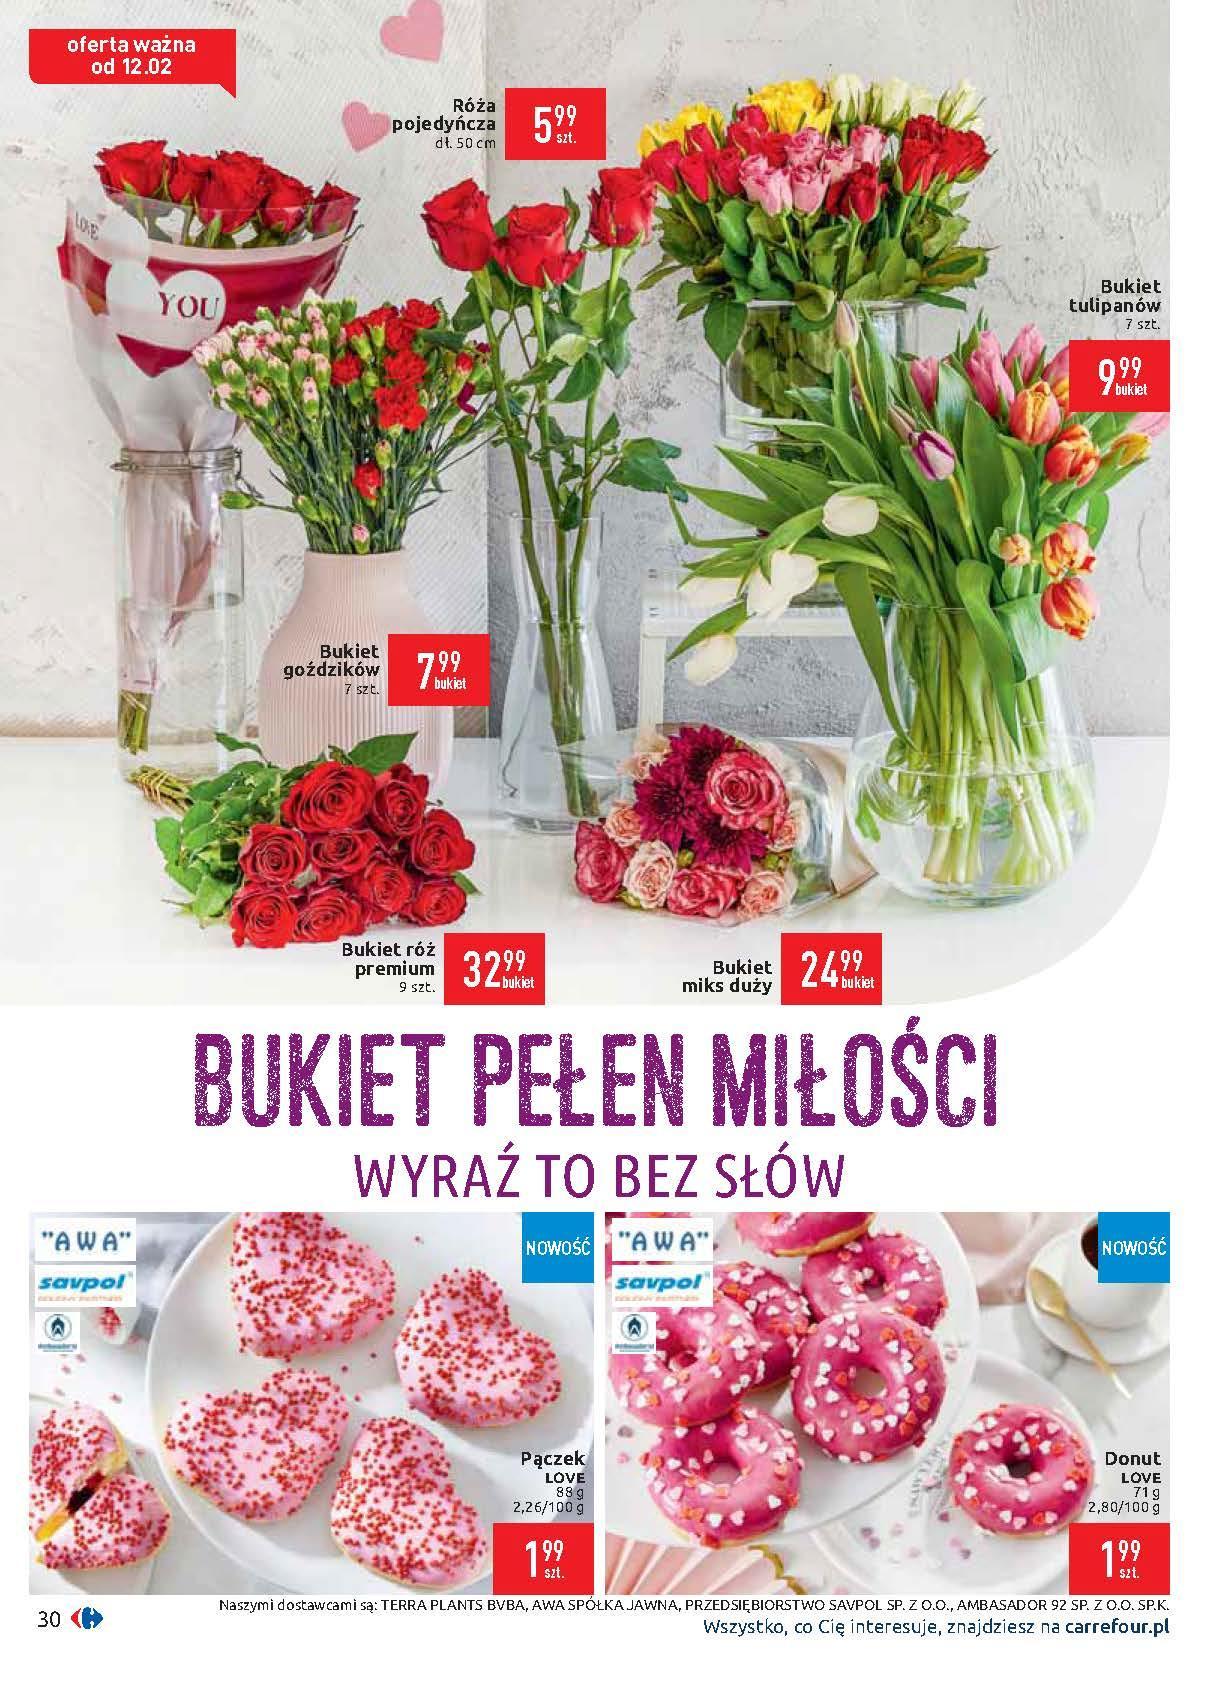 Gazetka promocyjna Carrefour do 17/02/2020 str.30